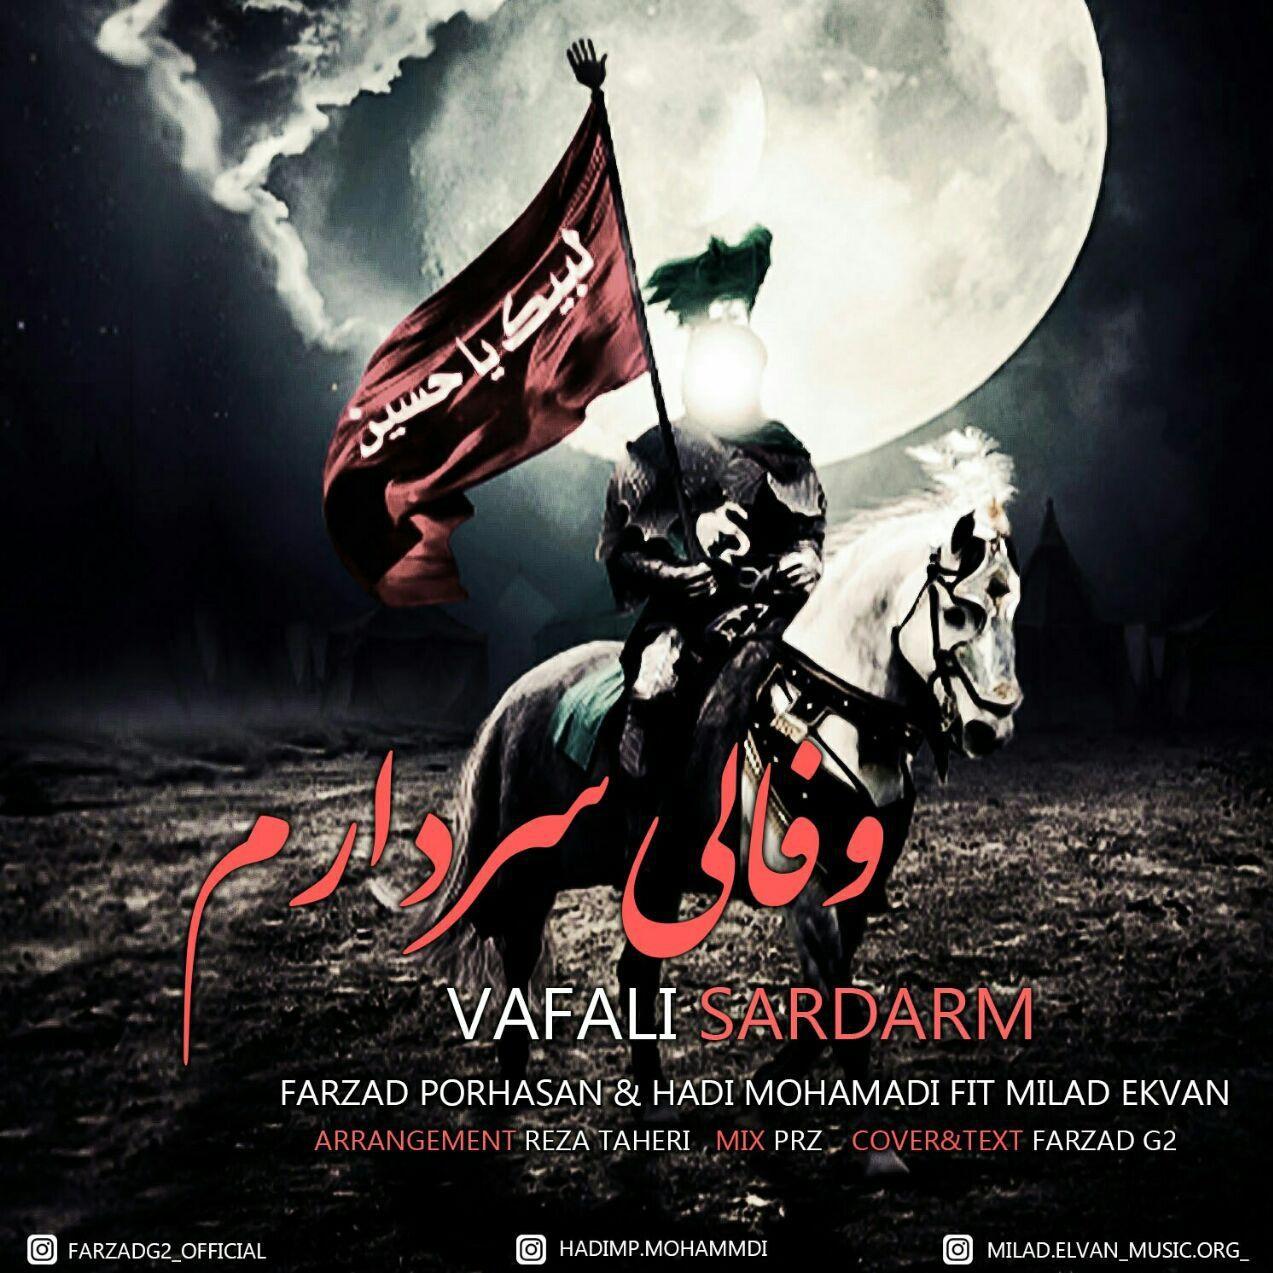 http://s6.picofile.com/file/8375650684/05Farzad_Porhasan_Feat_Hadi_Mohammadi_Ft_Milad_Ekvan_Vafali_Sardarim.jpg